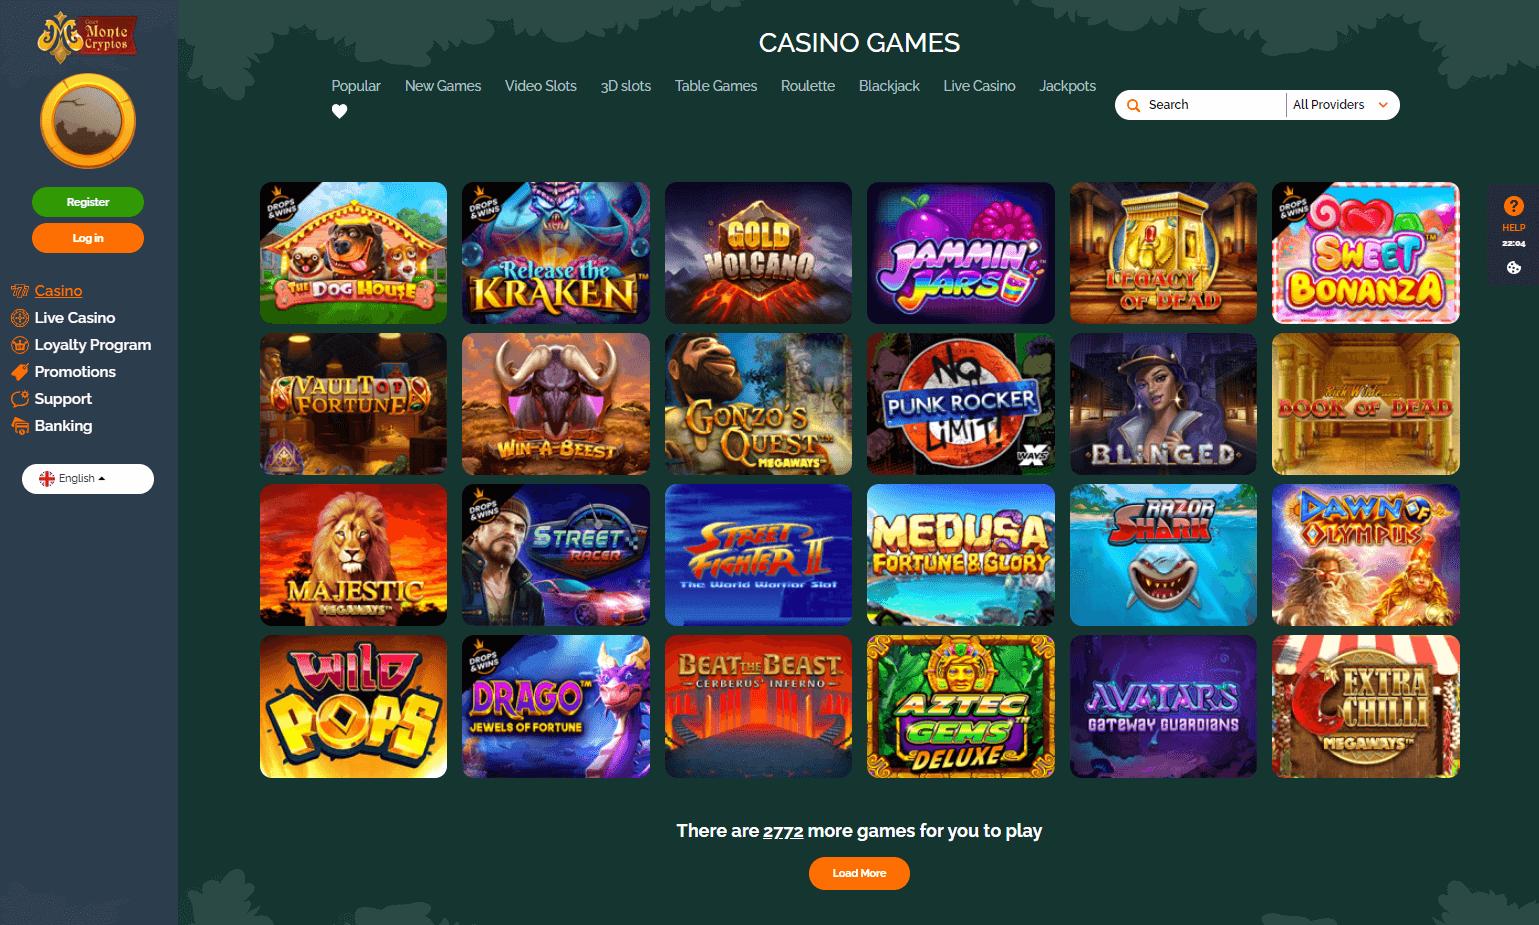 MonteCryptos Casino Games